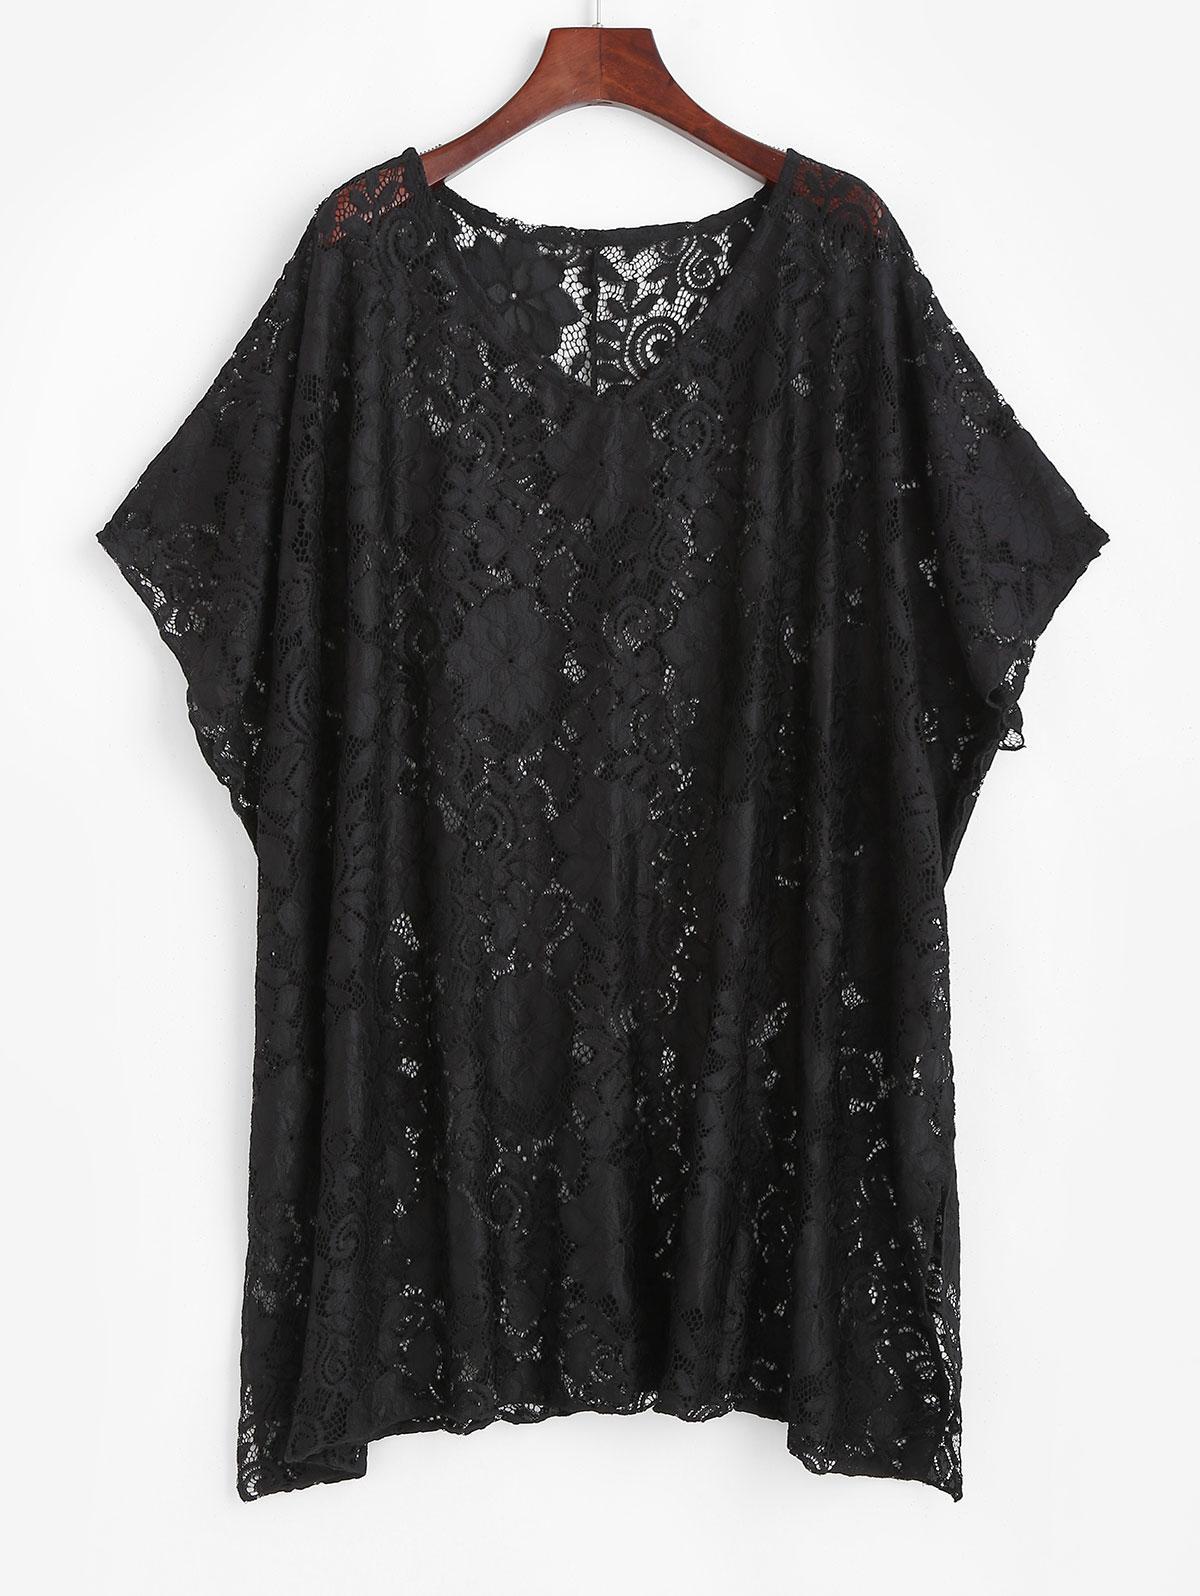 Robe de Plage Tunique Large en Dentelle TransparenteSurdimensionné Taille unique - Zaful FR - Modalova